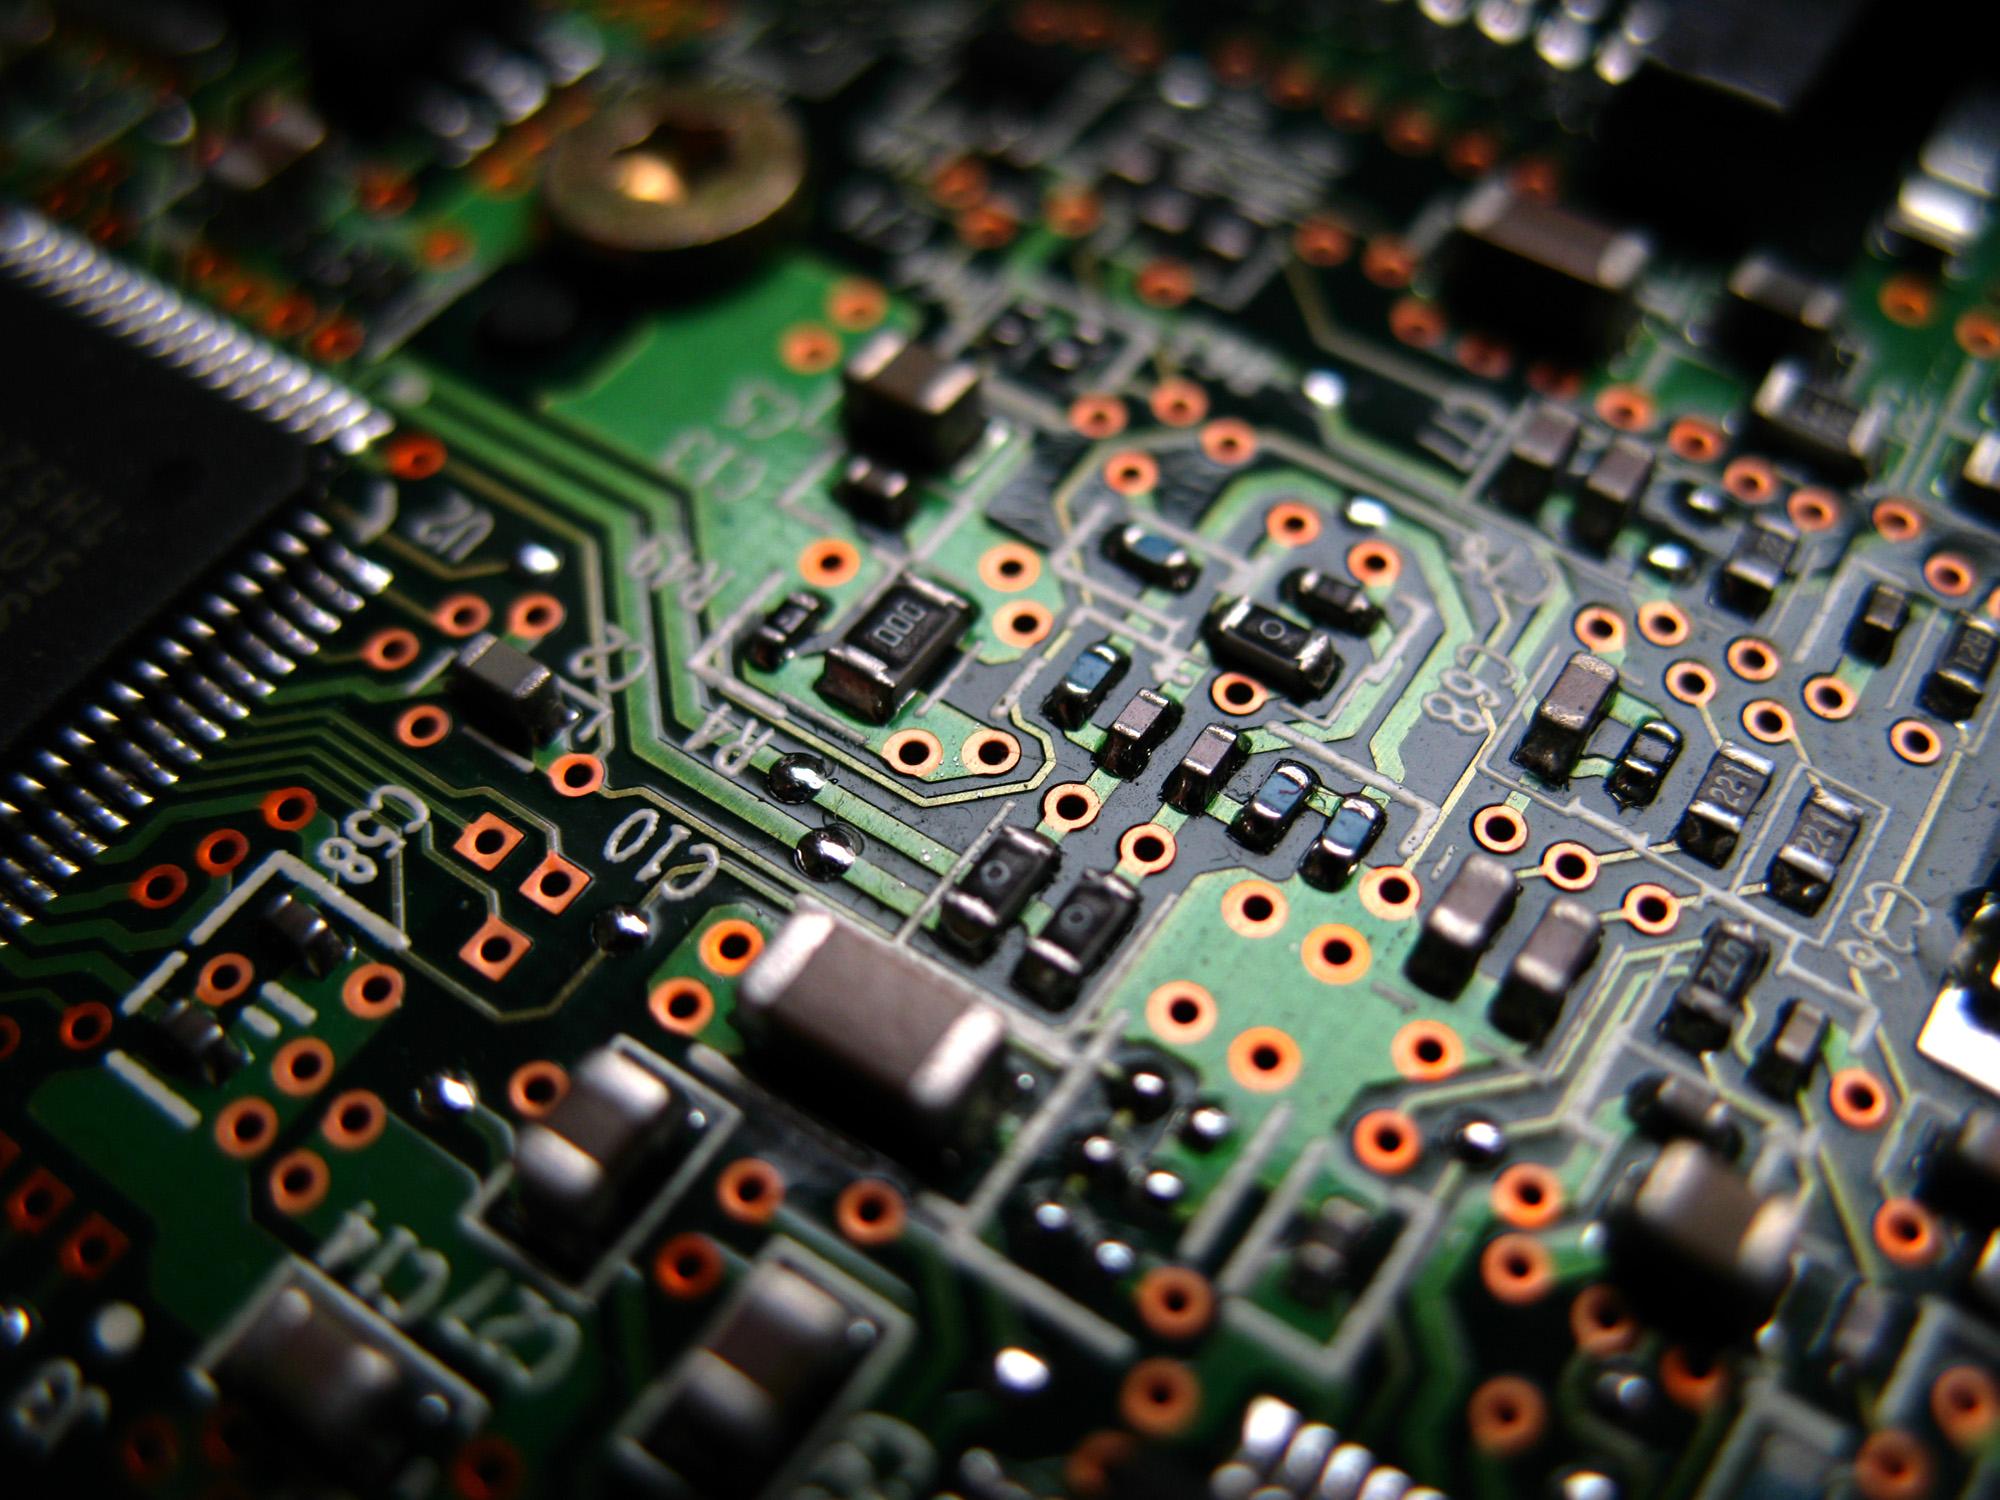 Circuito Eletronica : Tecnologia circuito papel de parede